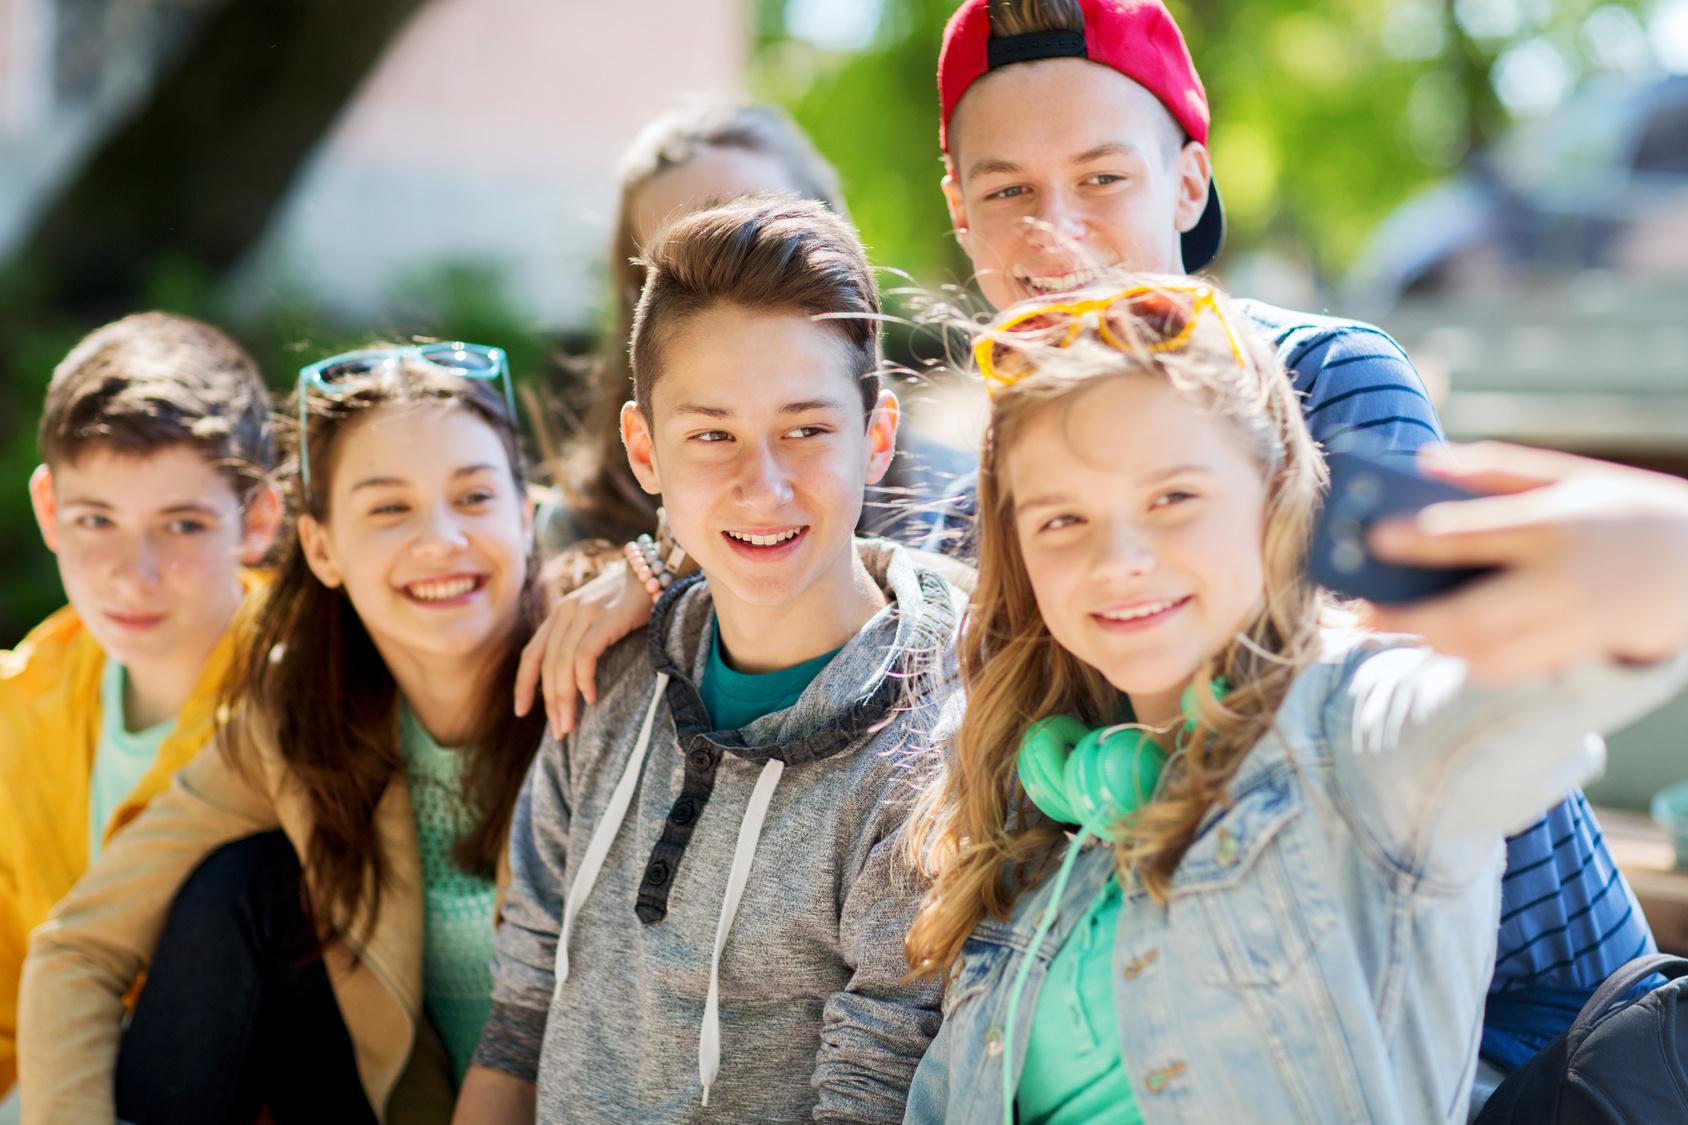 Rheuma: Jugendliche, Teens, Teenager, Schulkinder lächeln